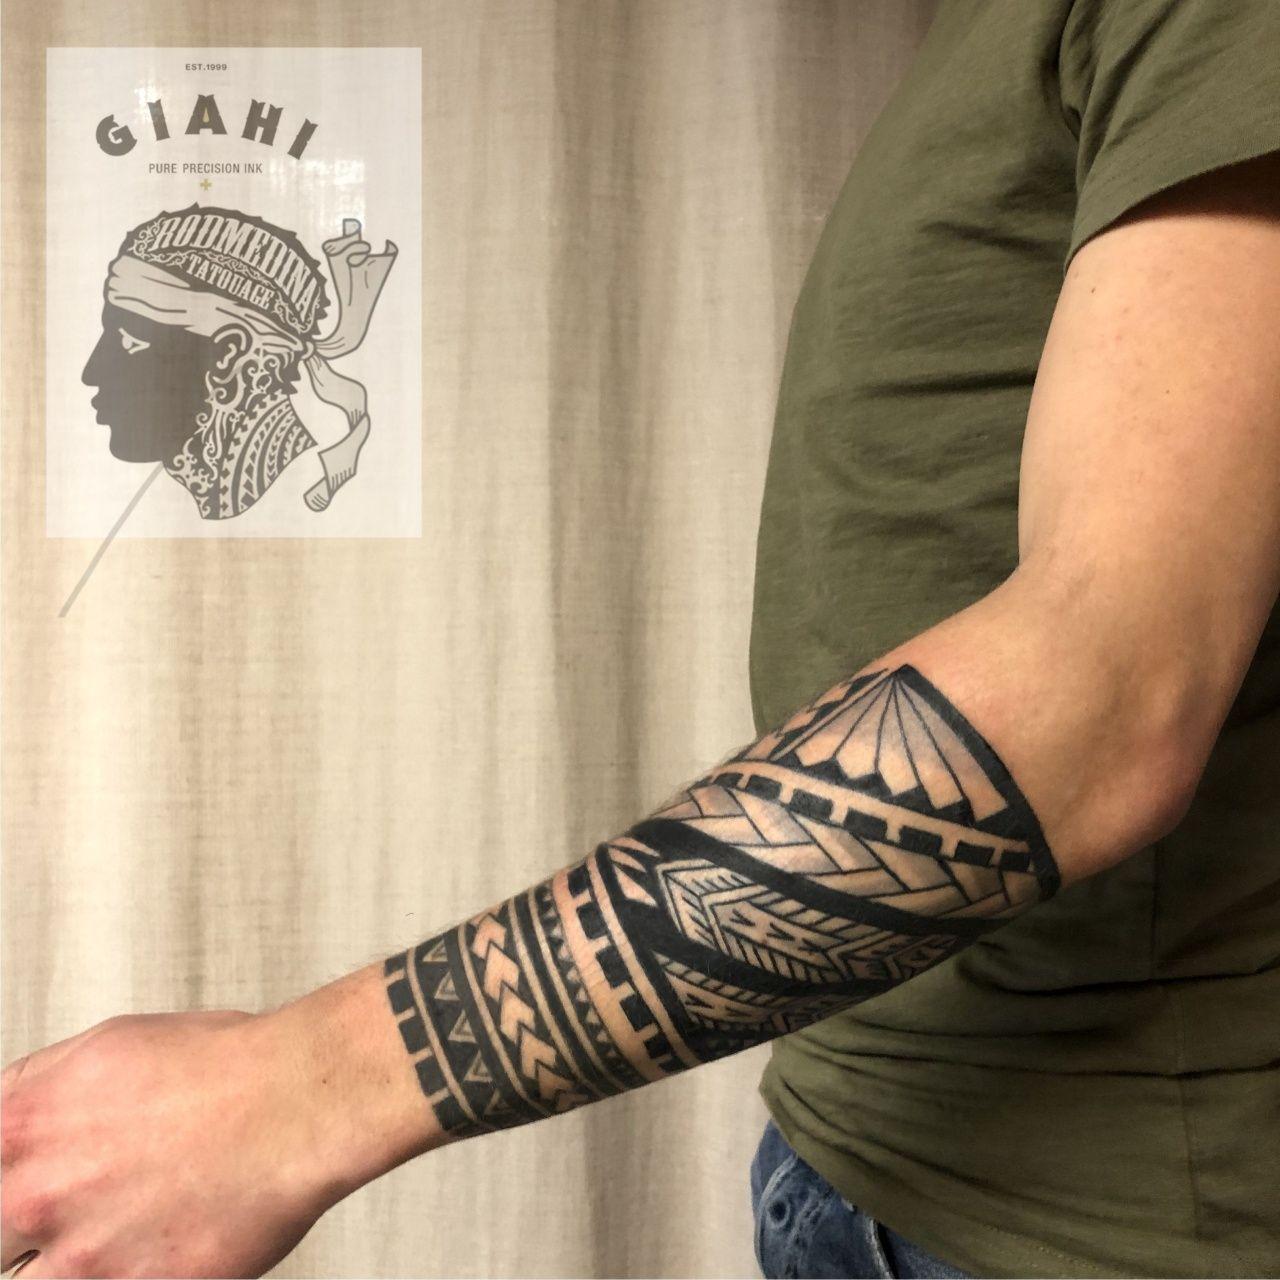 Man Hand Tattoos In 2020 Maori Tattoo Designs Tribal Forearm Tattoos Tribal Arm Tattoos